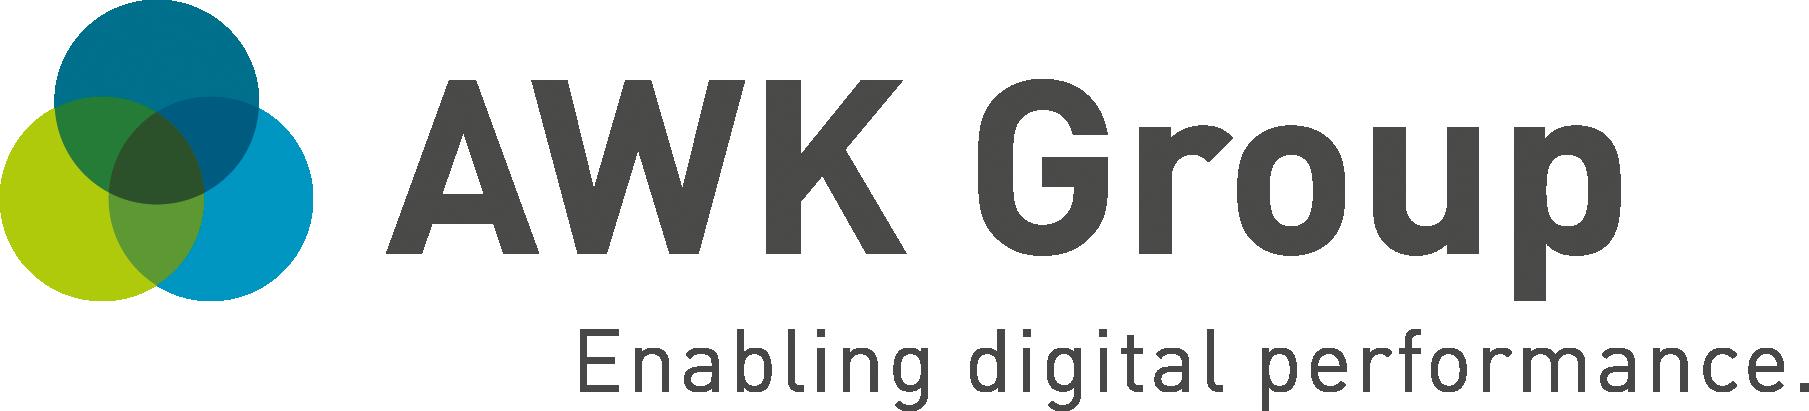 AWK Group